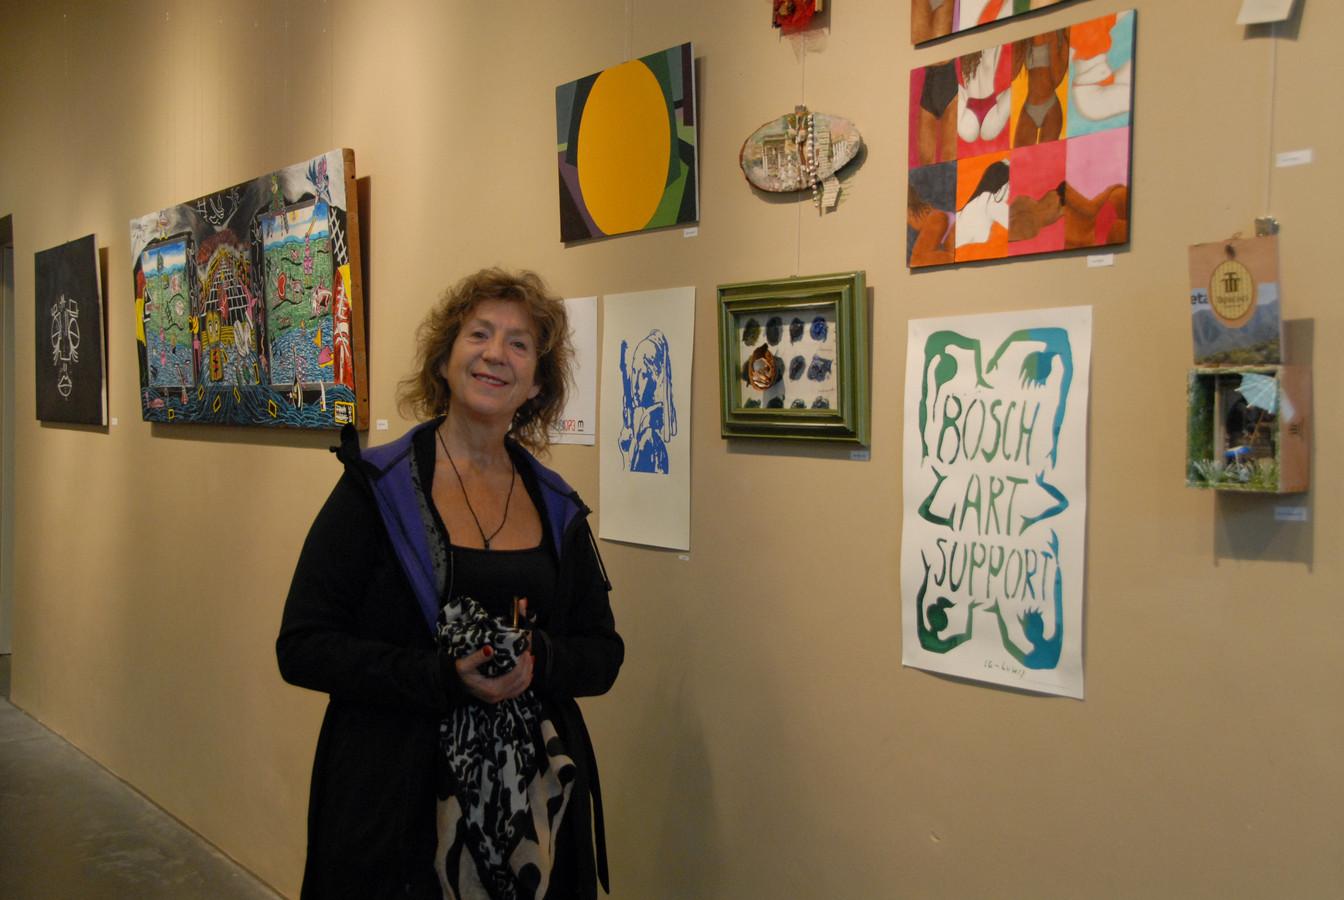 Coach Lidwien van Noorden heeft hier en daar haar eigen werk toegevoegd aan de expositie